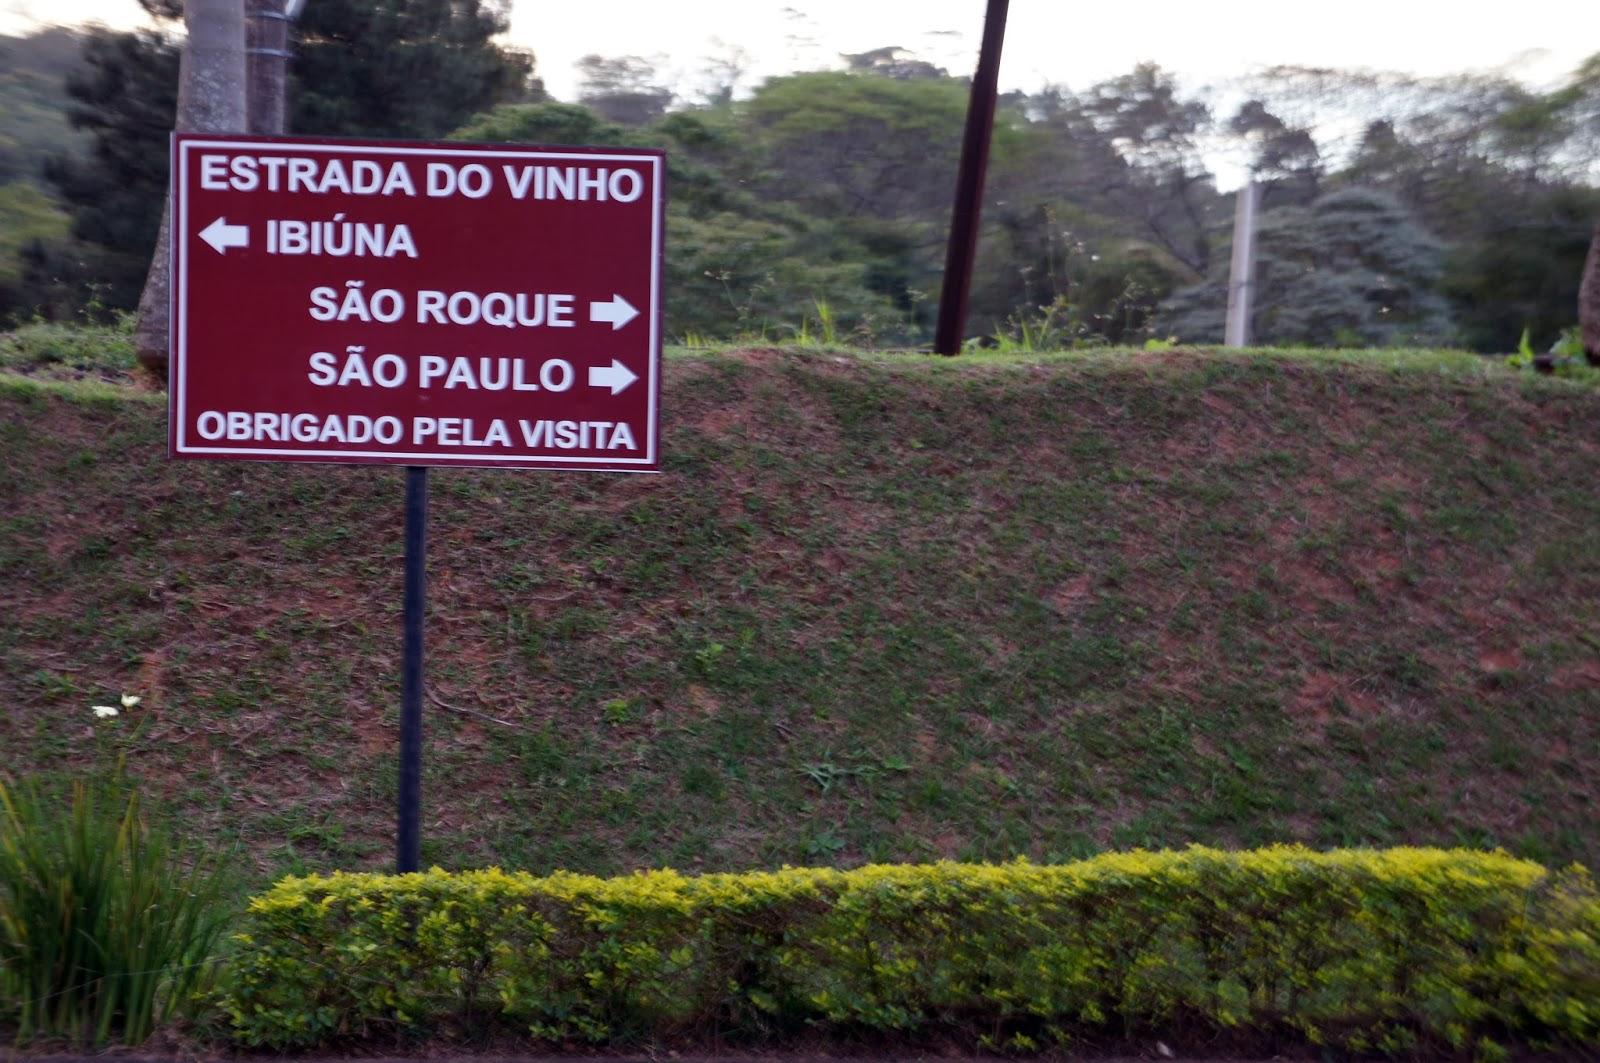 São Roque São Paulo fonte: static.wixstatic.com